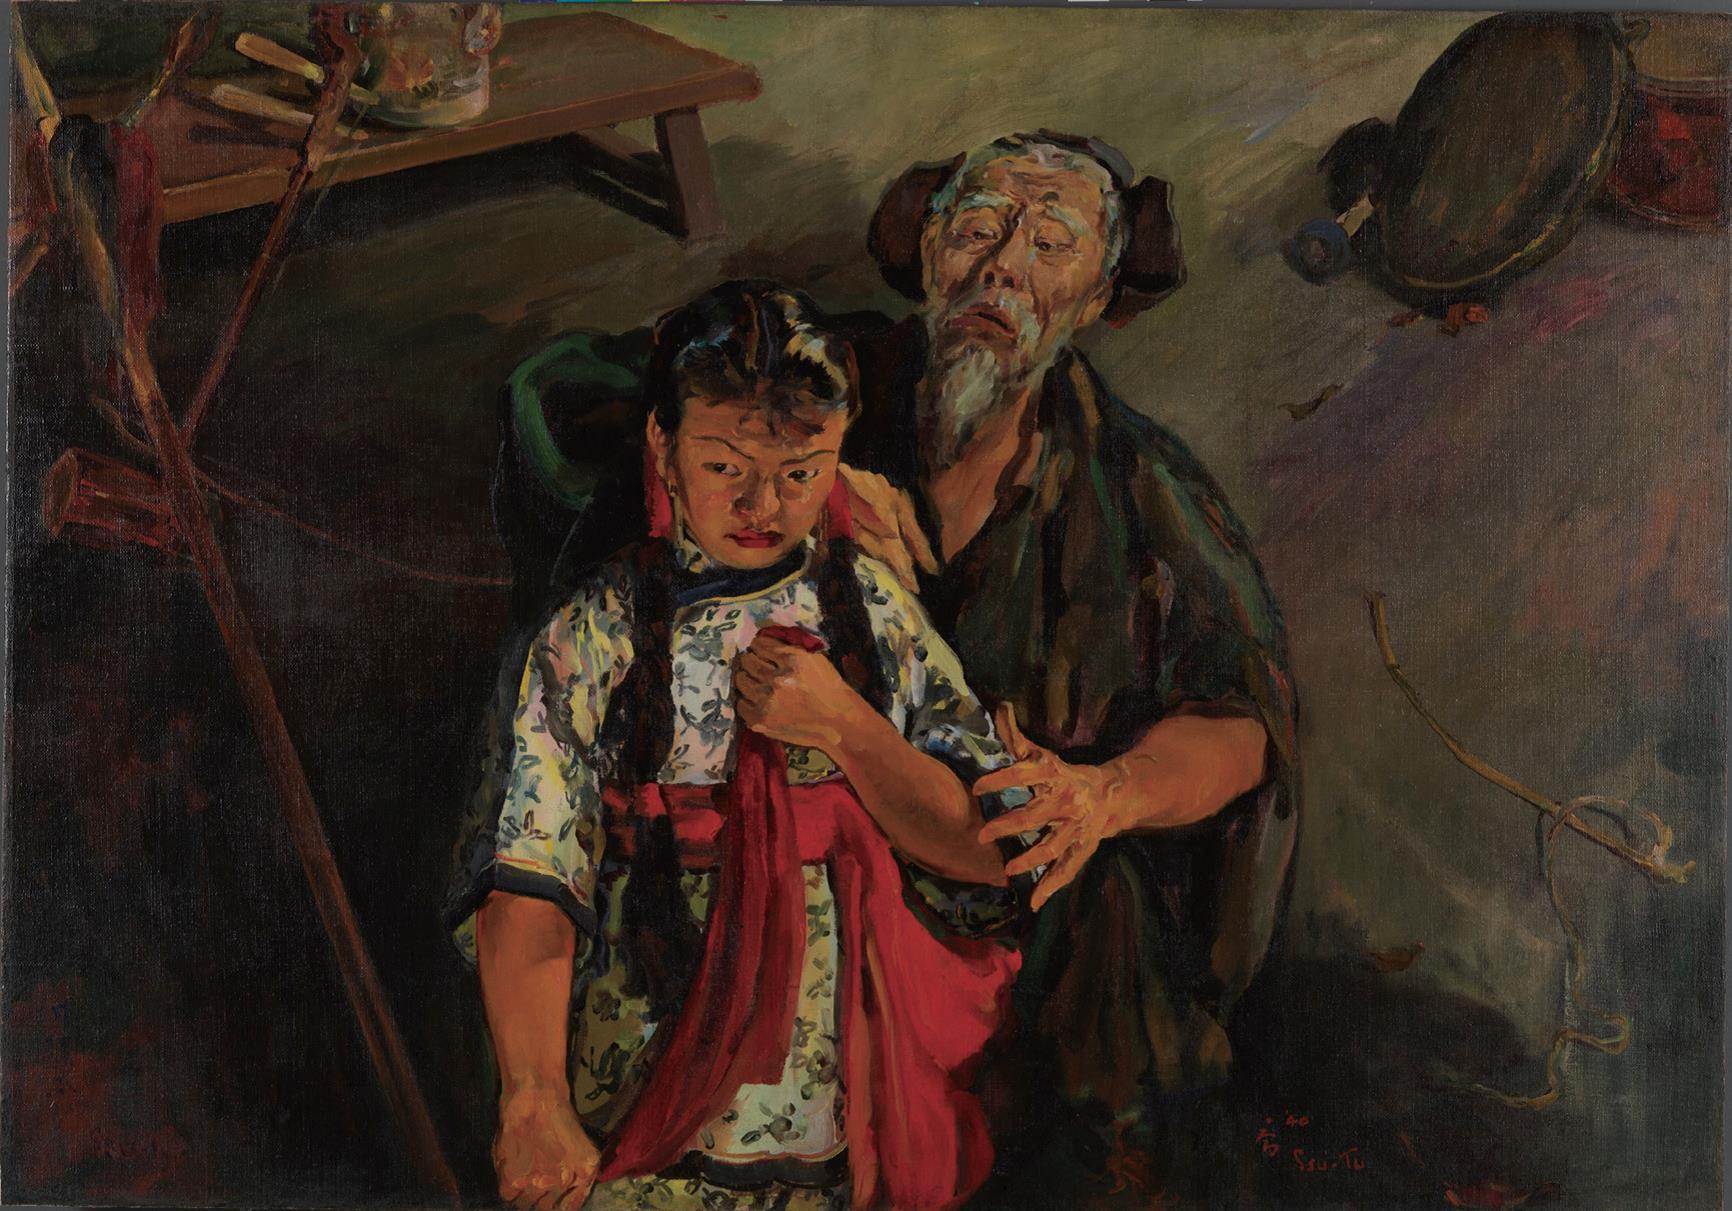 司徒乔《放下你的鞭子》油画 125x178cm 1940年 中国美术馆藏